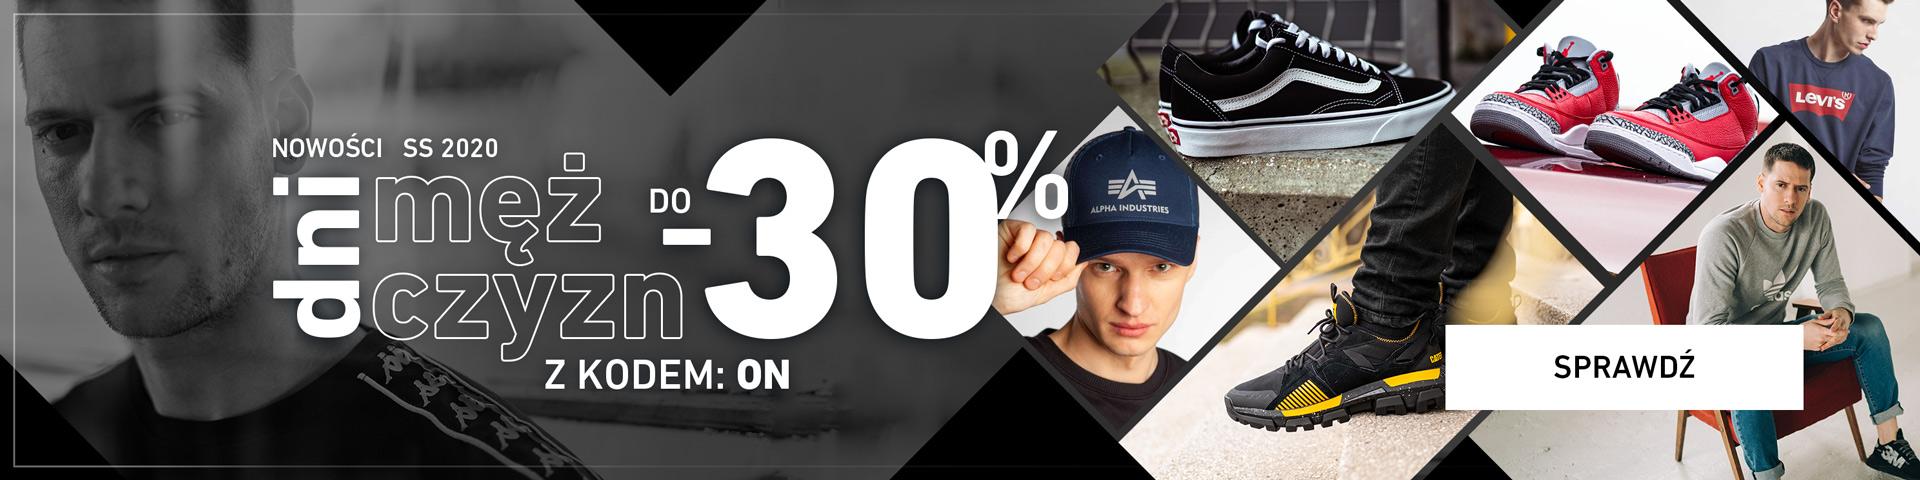 Eastend: do 30% rabatu na odzież, obuwie i akcesoria męskie                         title=